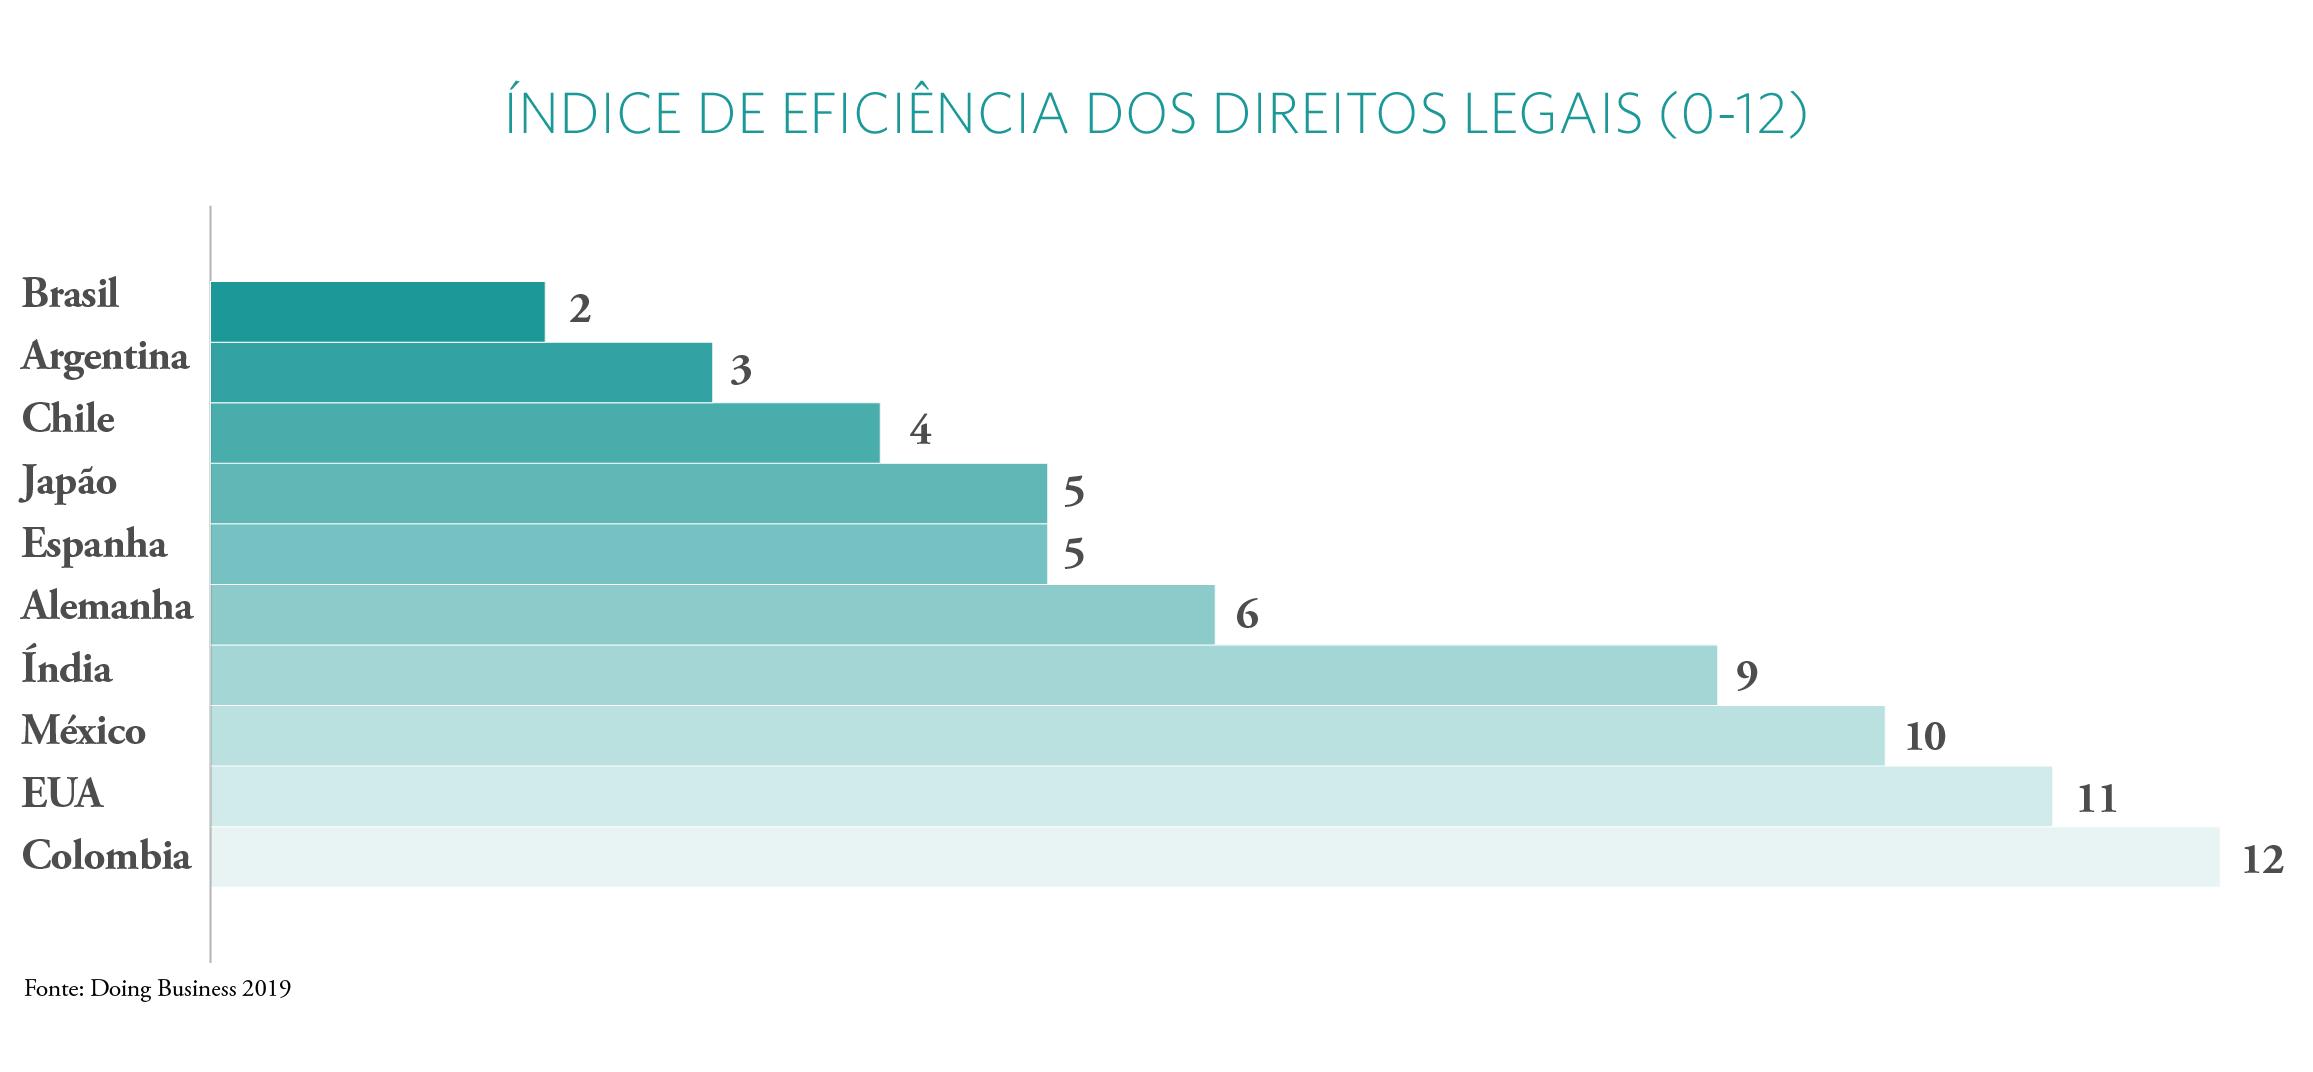 Acesso-a-Cr%C3%A9dito-no-Brasil-capital-existe-s%C3%B3-%C3%A9-dif%C3%ADcil-captar-3